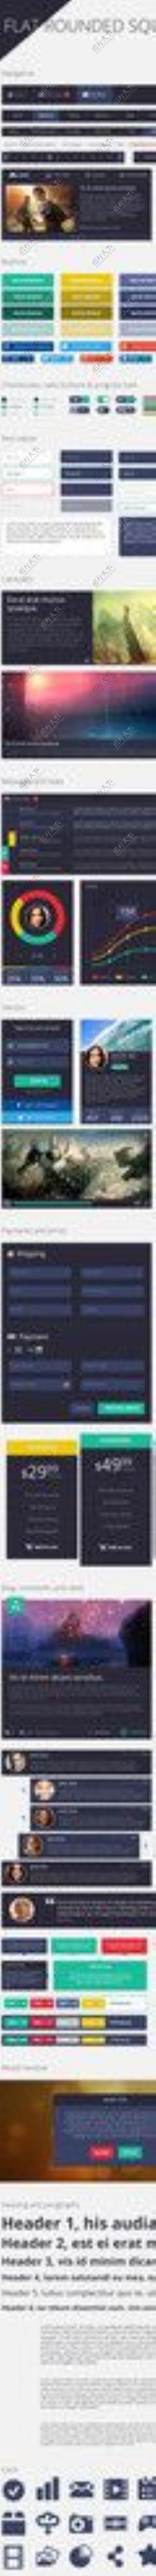 扁平化UI元素界面下图片